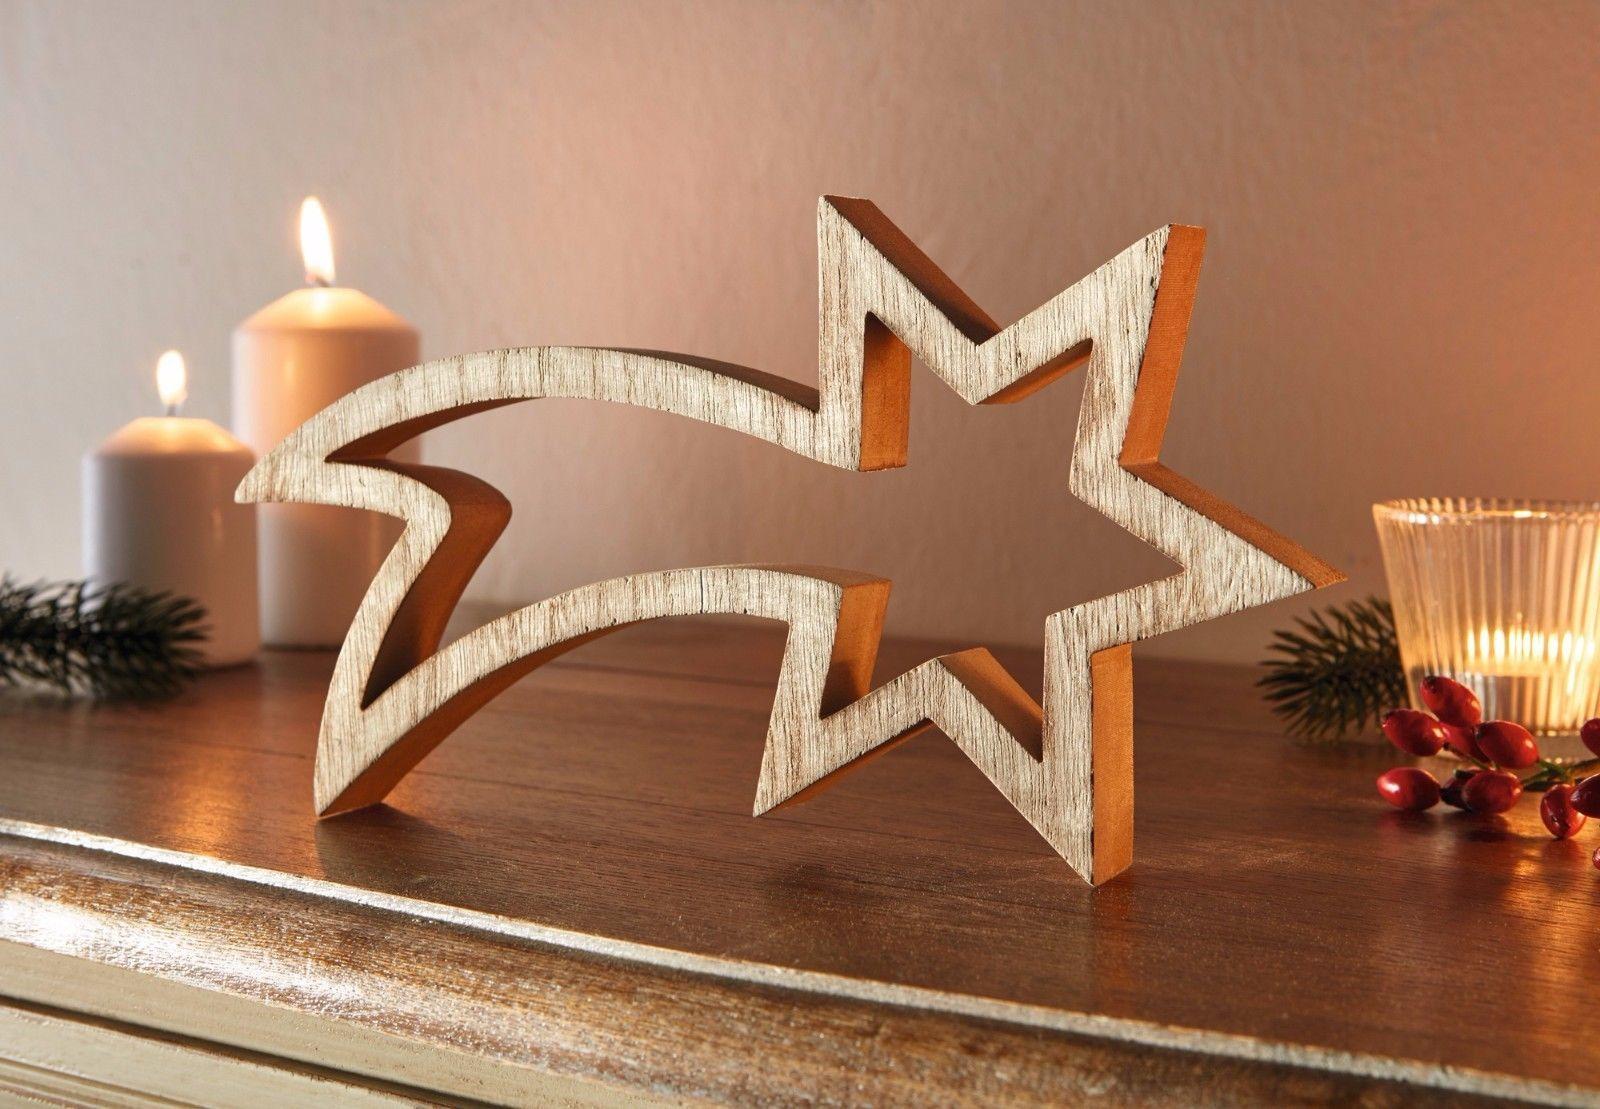 stern sternschnuppe deko holz figuren weihnachten weihnachtsdeko natur landhaus eur 11 95. Black Bedroom Furniture Sets. Home Design Ideas